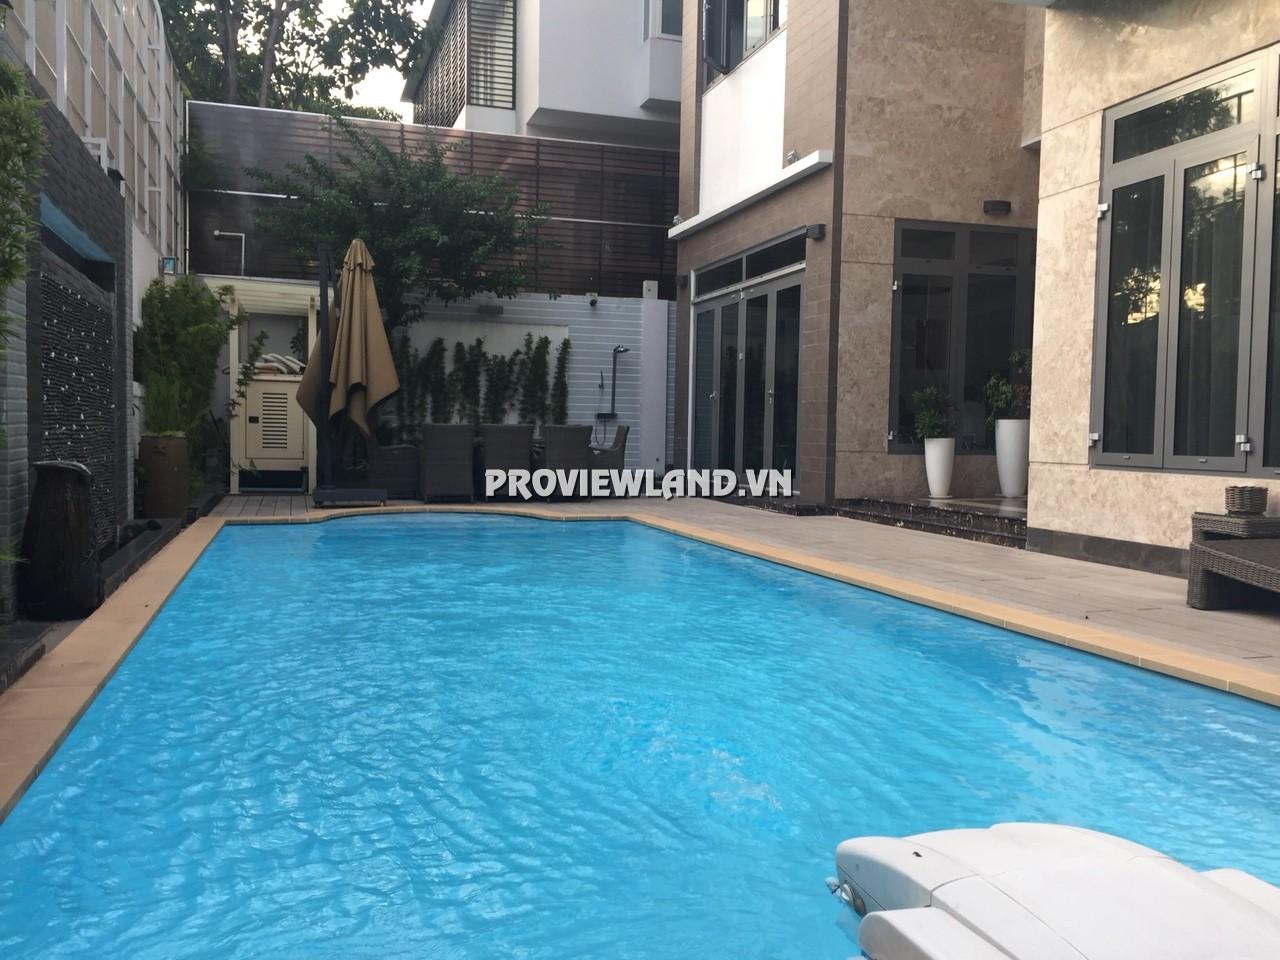 Cho thuê biệt thự đường Nguyễn Văn Hưởng 1 trệt 2 lầu DT 1150m2 có hồ bơi và sân vườn